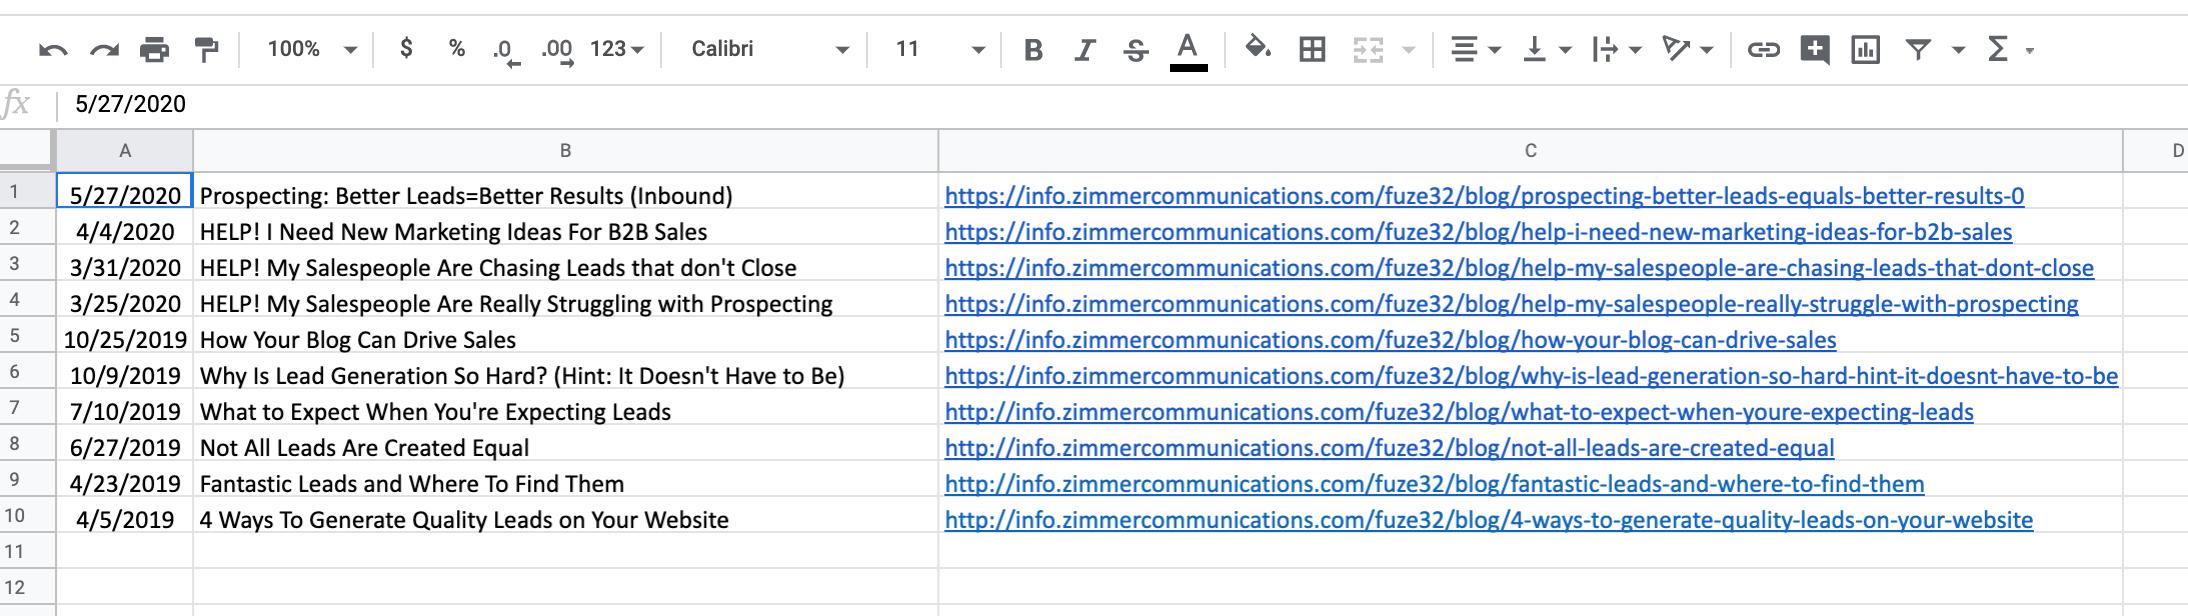 Content List